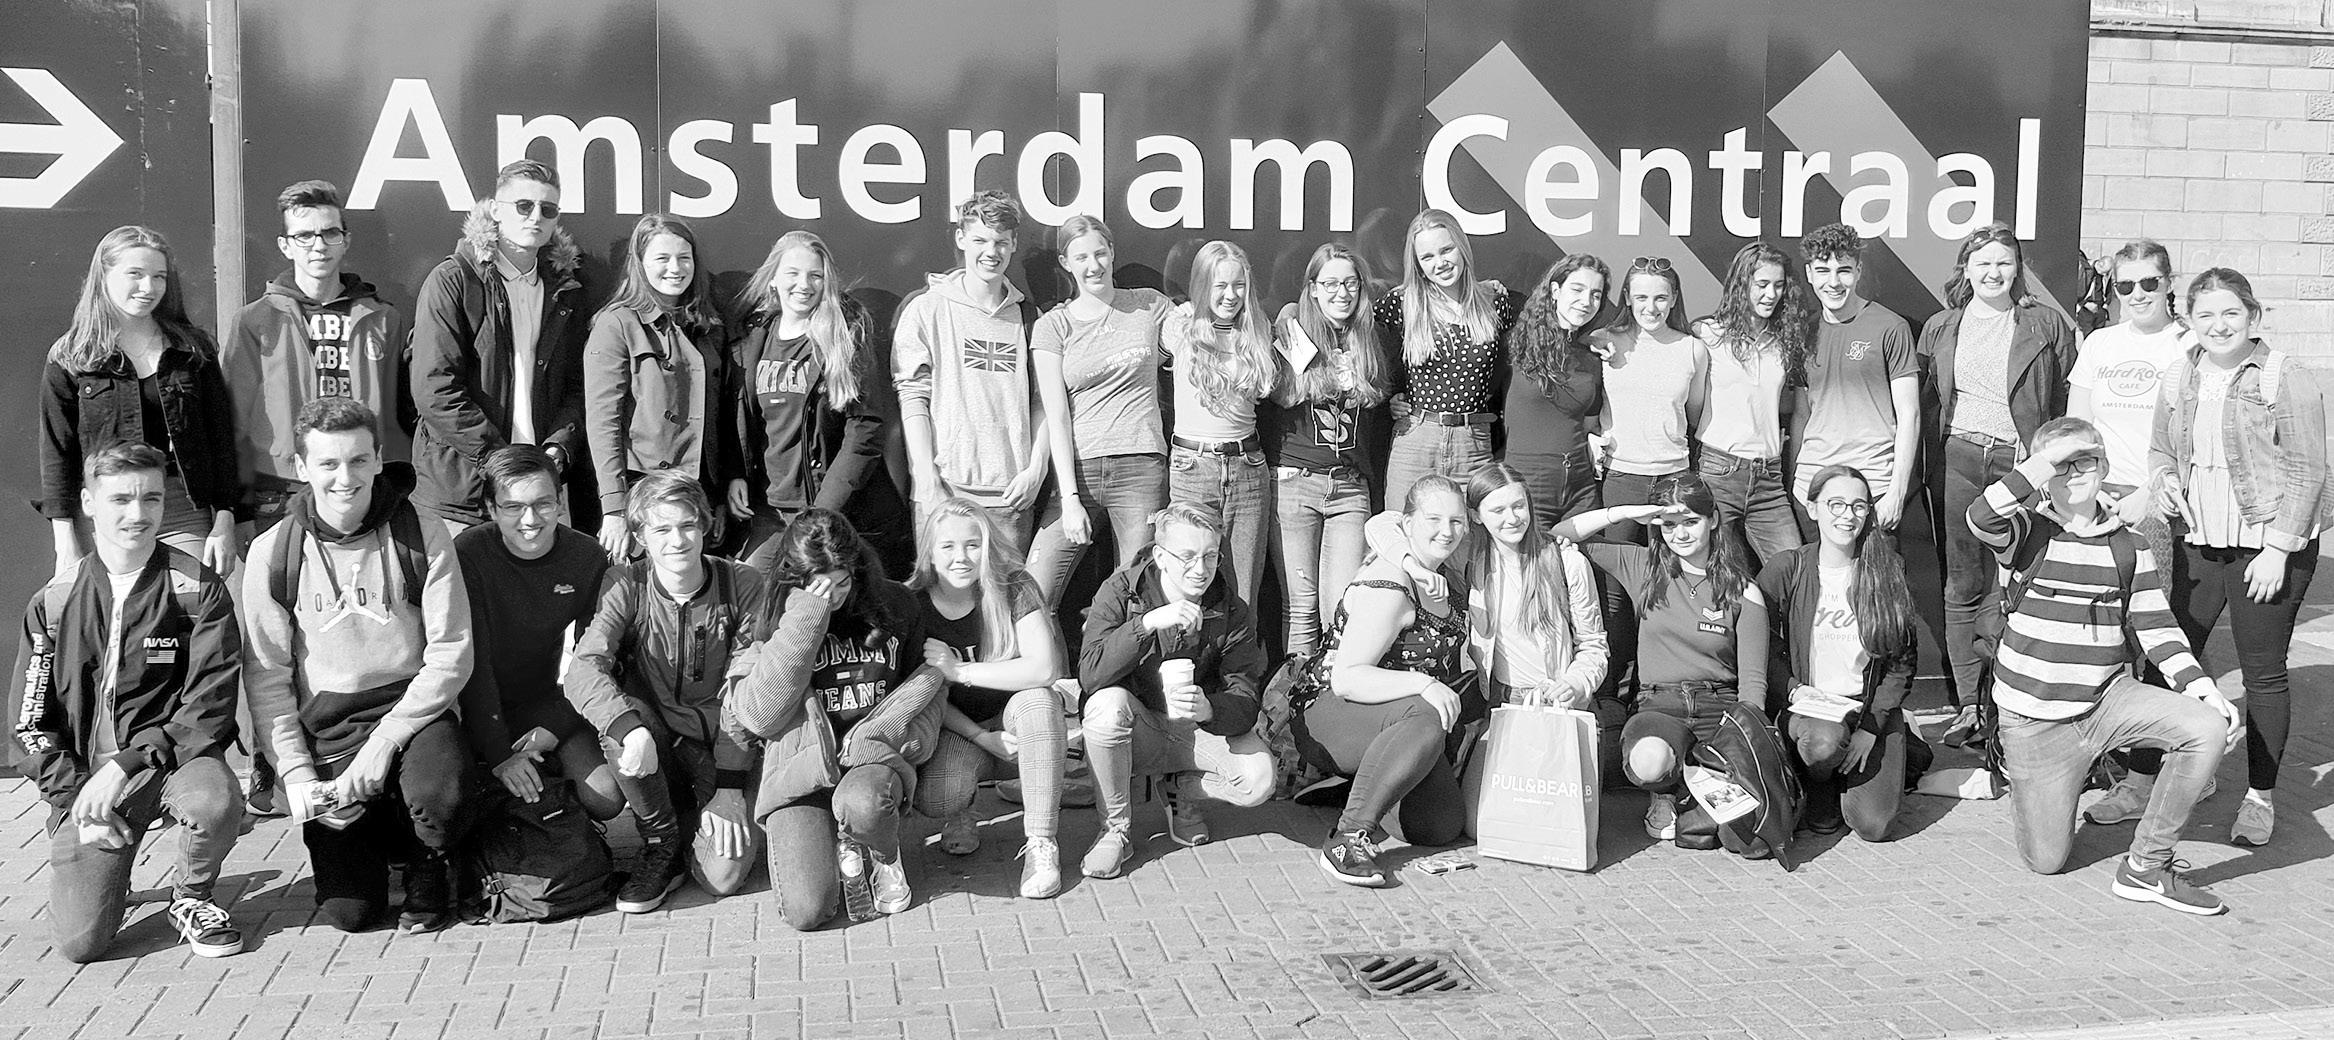 Die Hermannsburger Schüler in Amsterdam. Foto: Christian-Gymnasium